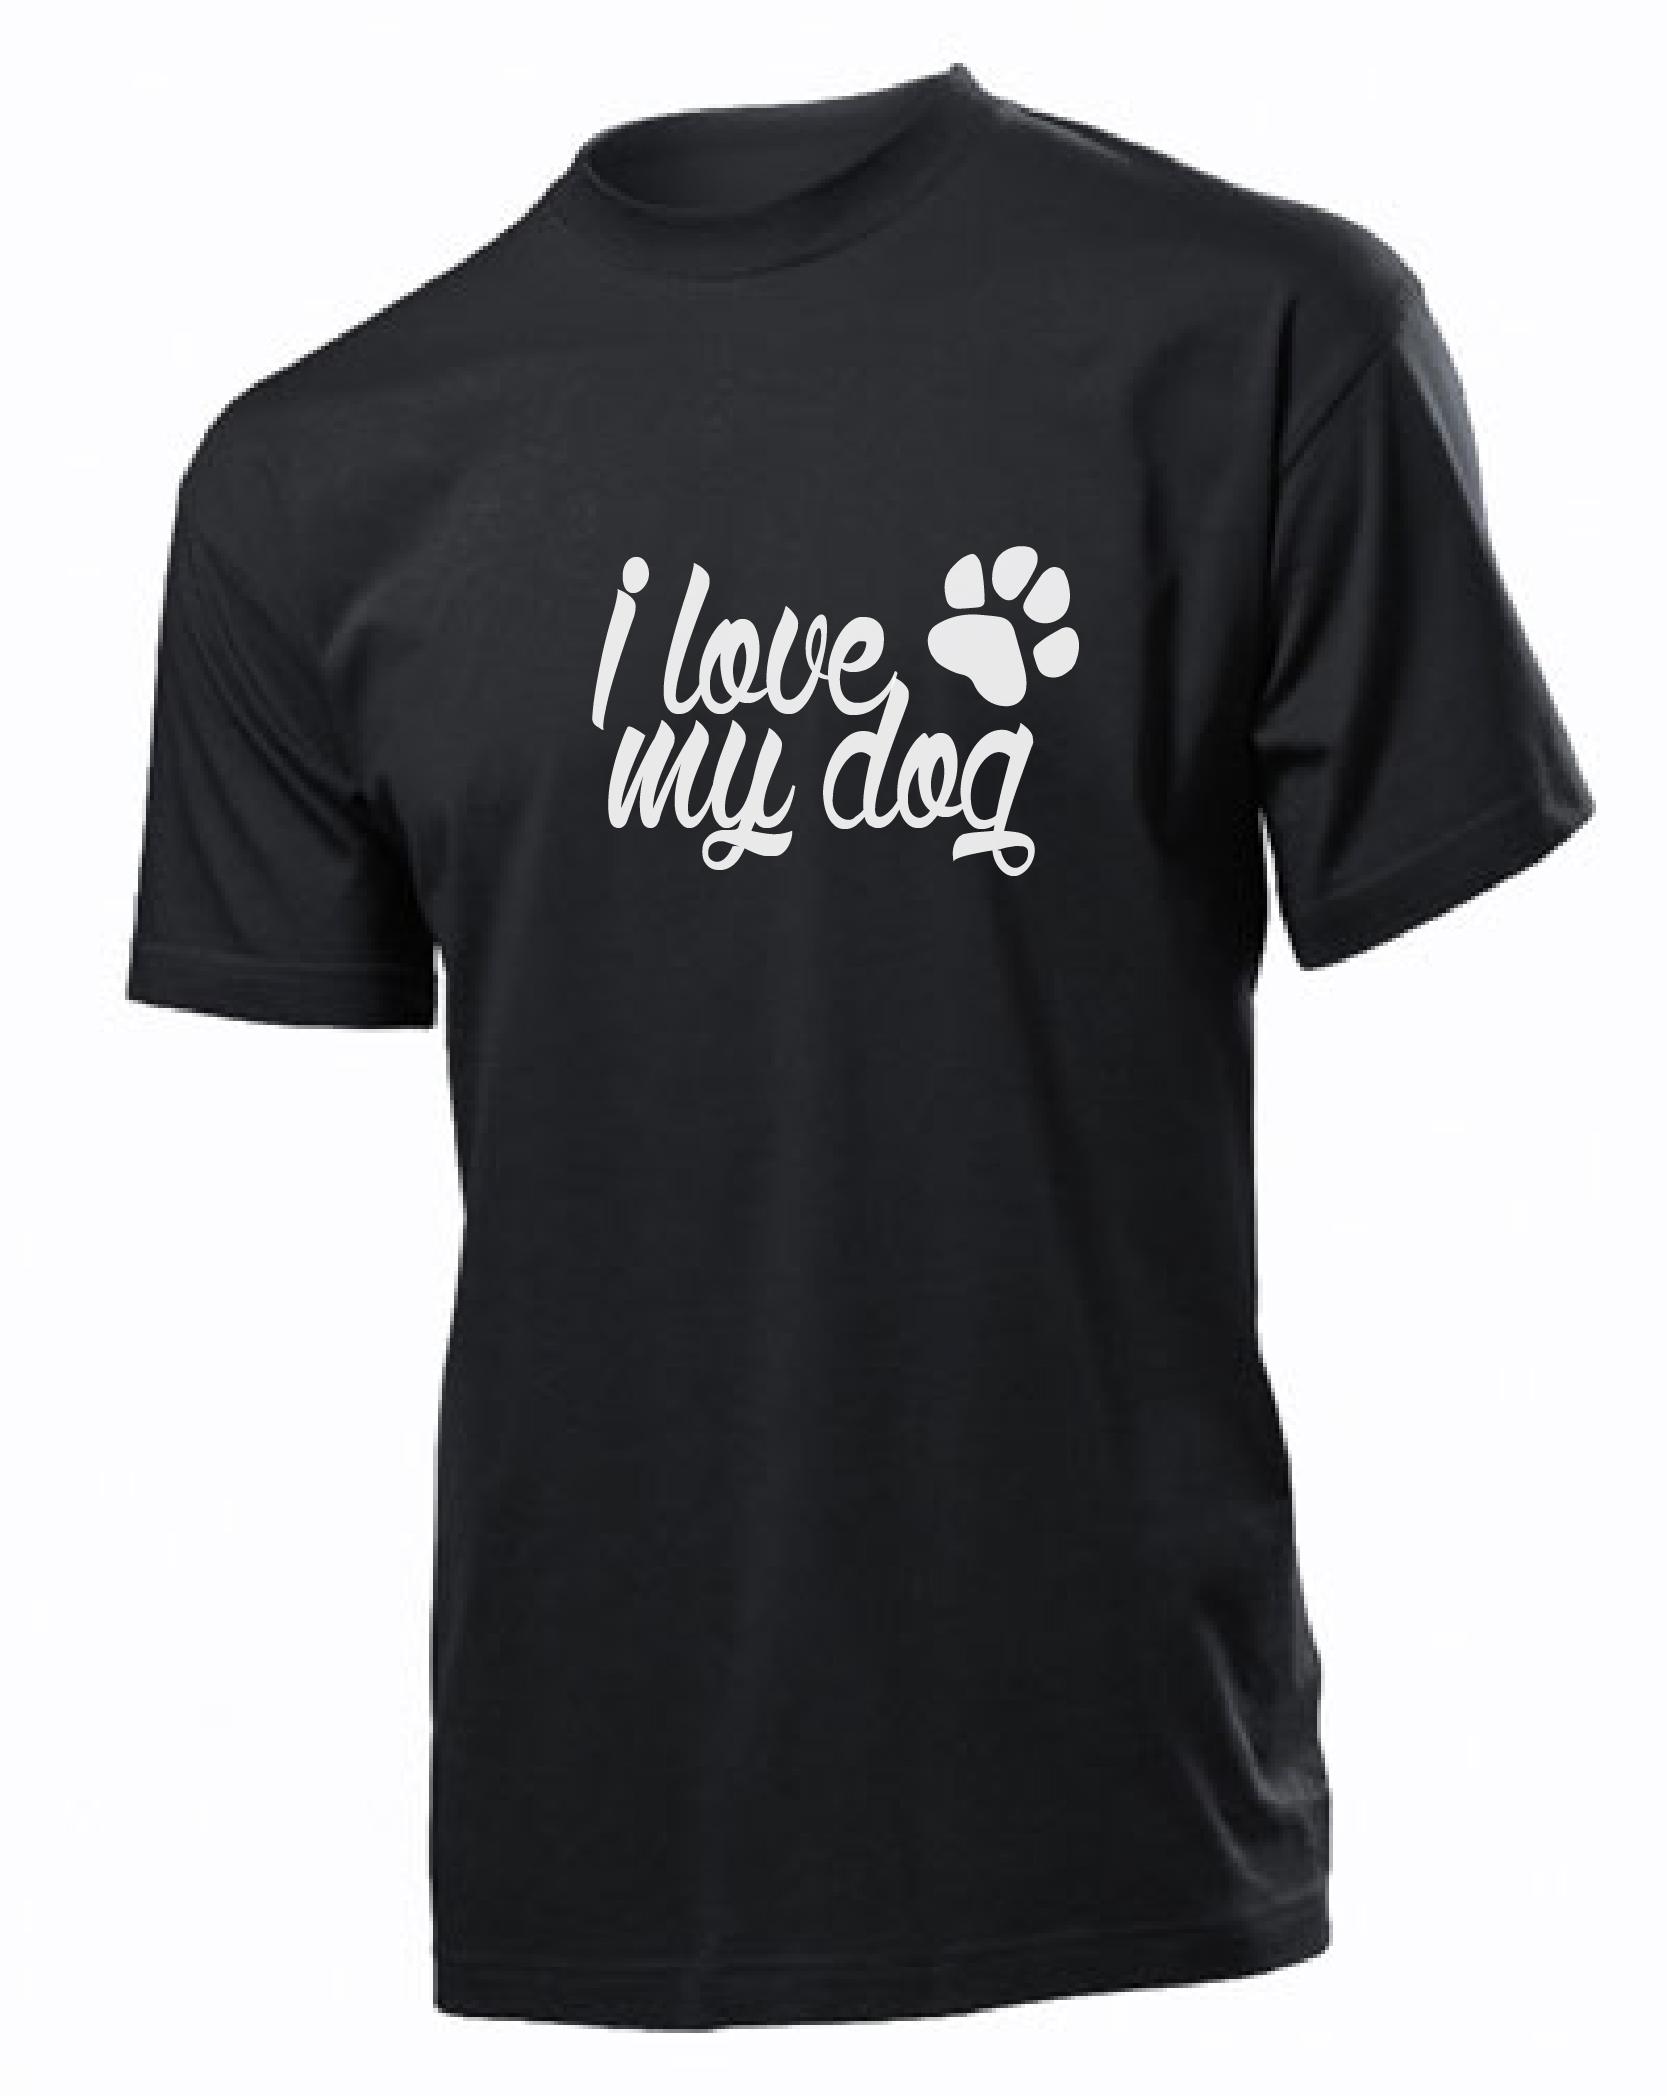 873bfe4d507a Tričko s potiskem I love my dog